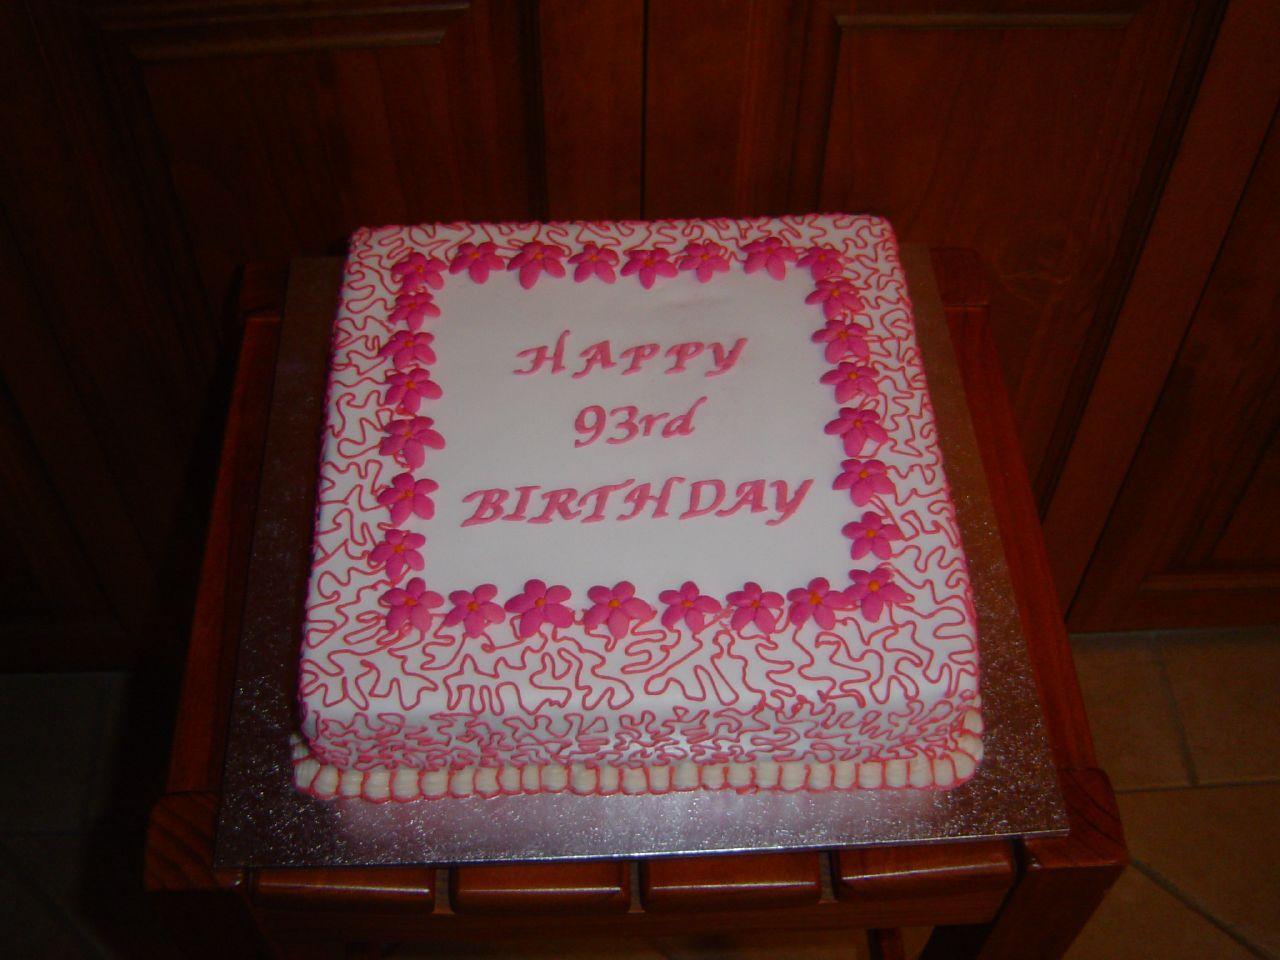 Grandma's birthday cake